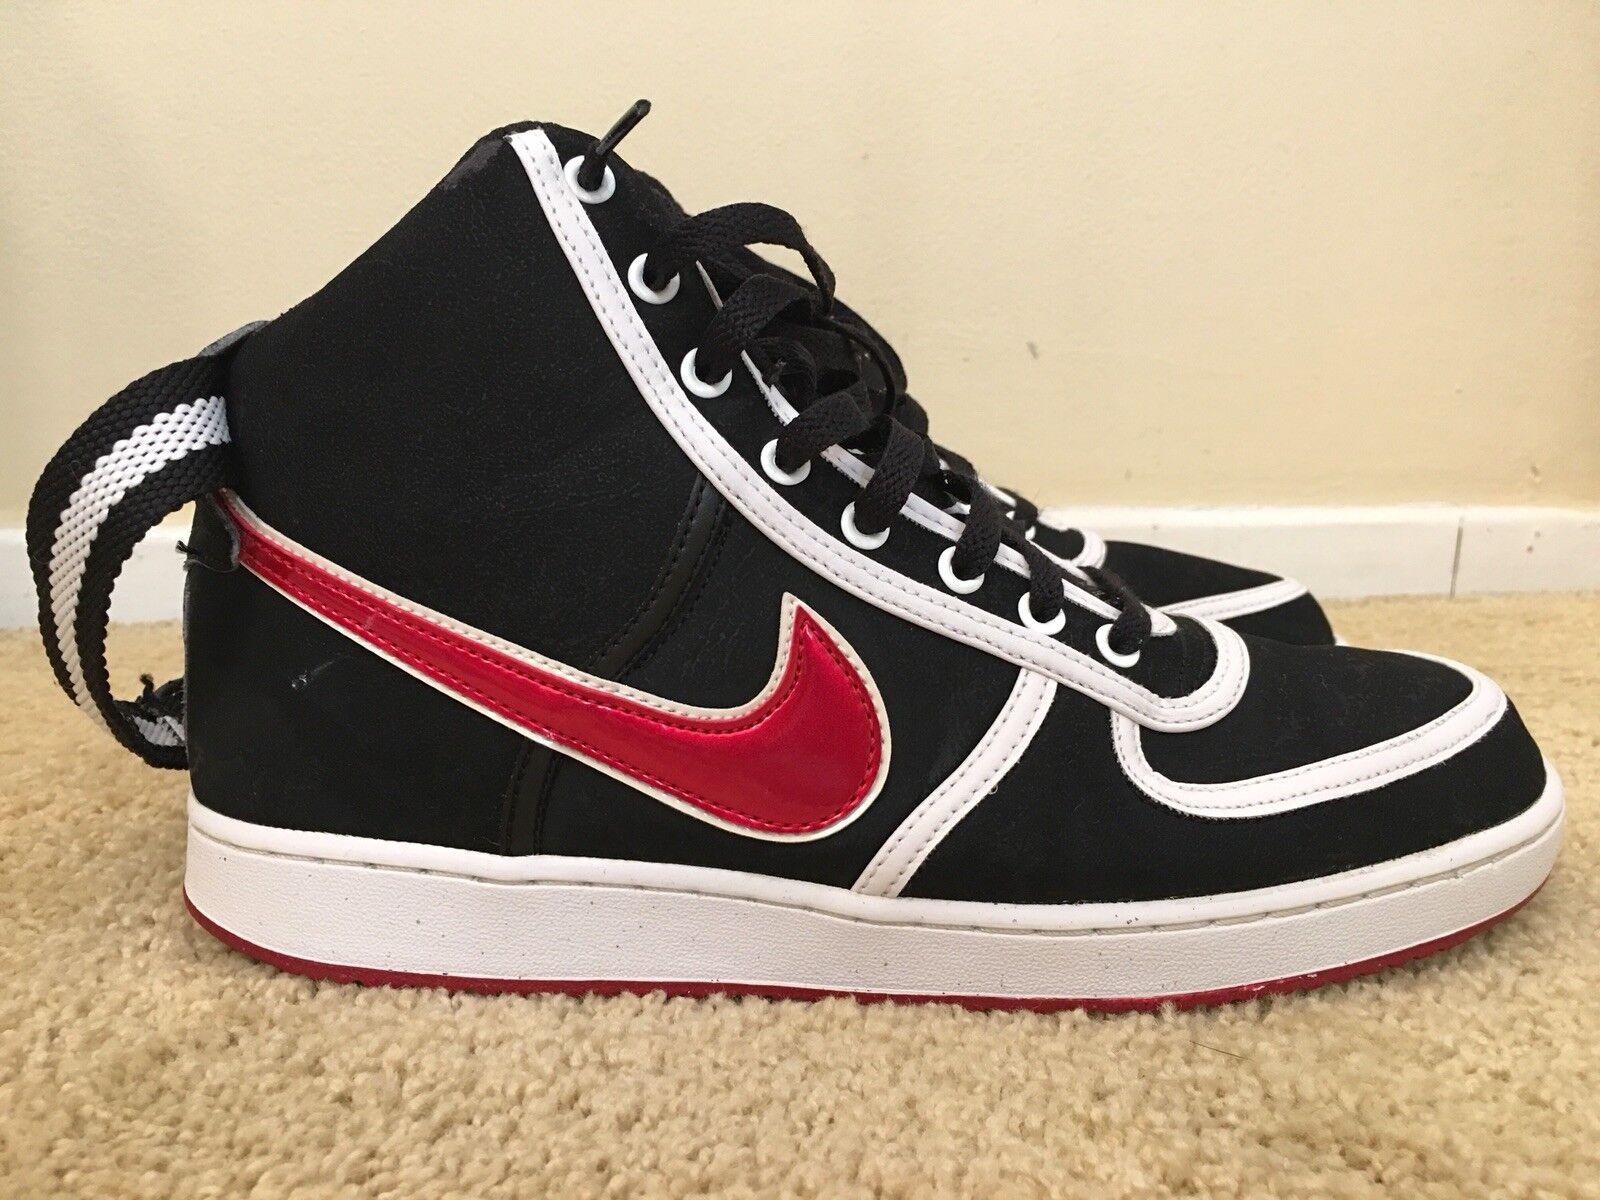 nike noire vandal haut prm, 309427-061, noire nike et rouge, les baskets, taille 11 0be48a